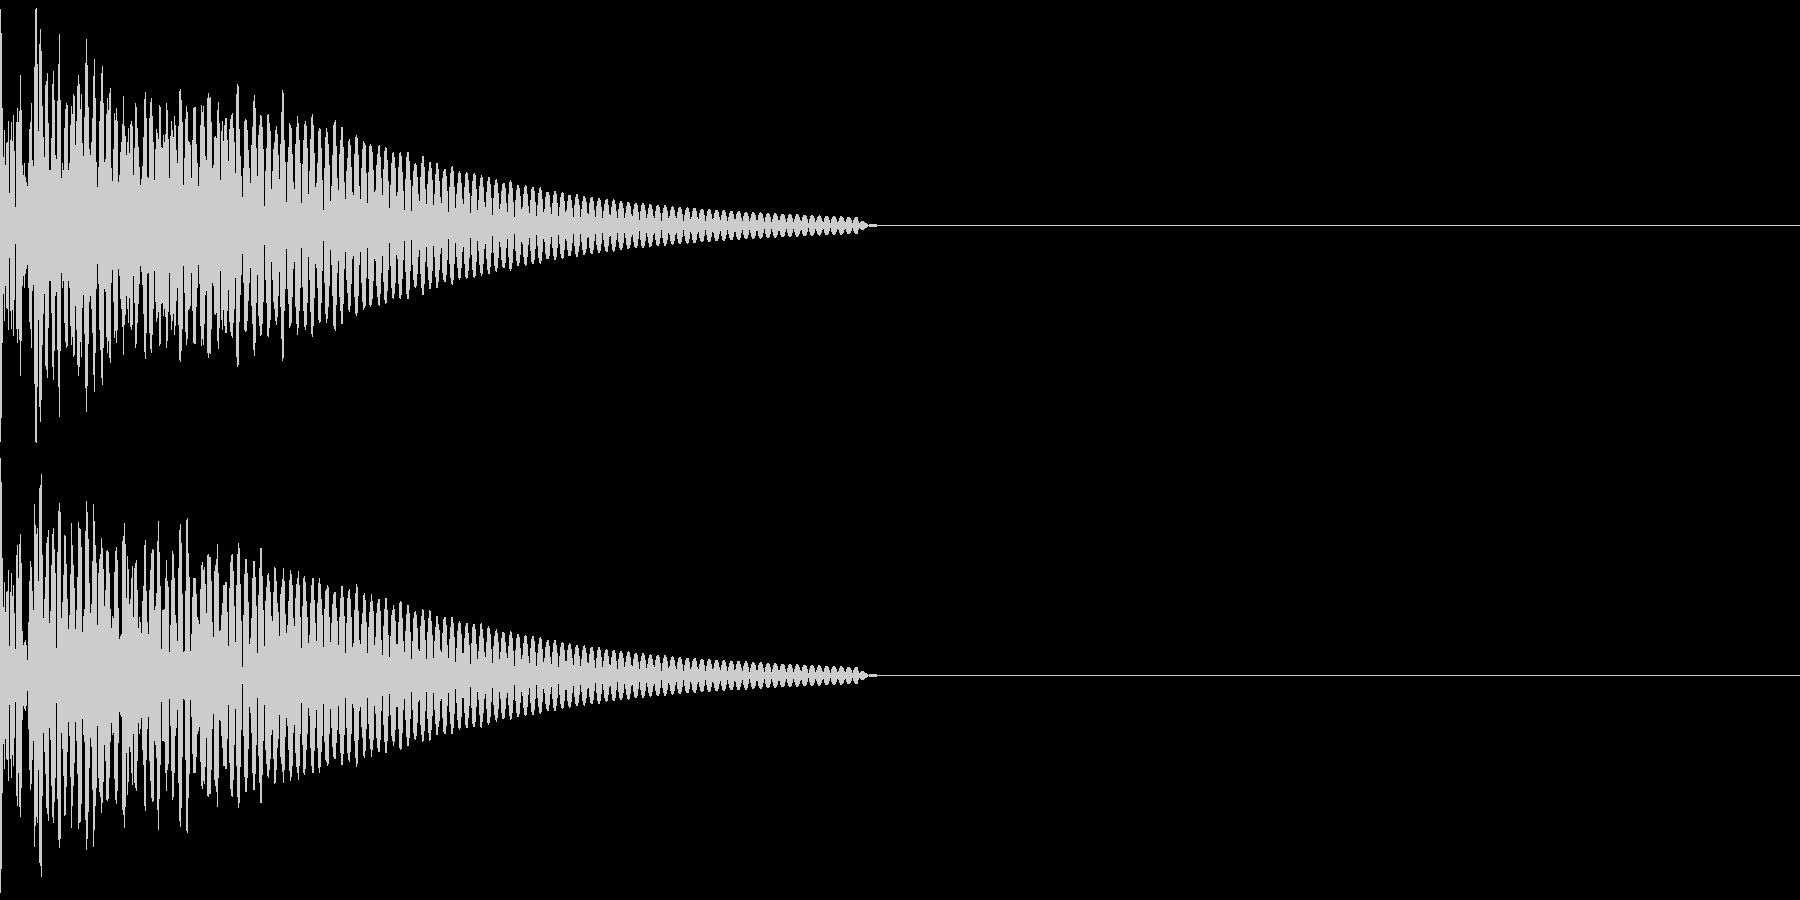 キック/壮大/広範囲/ドラム/低音/1Cの未再生の波形